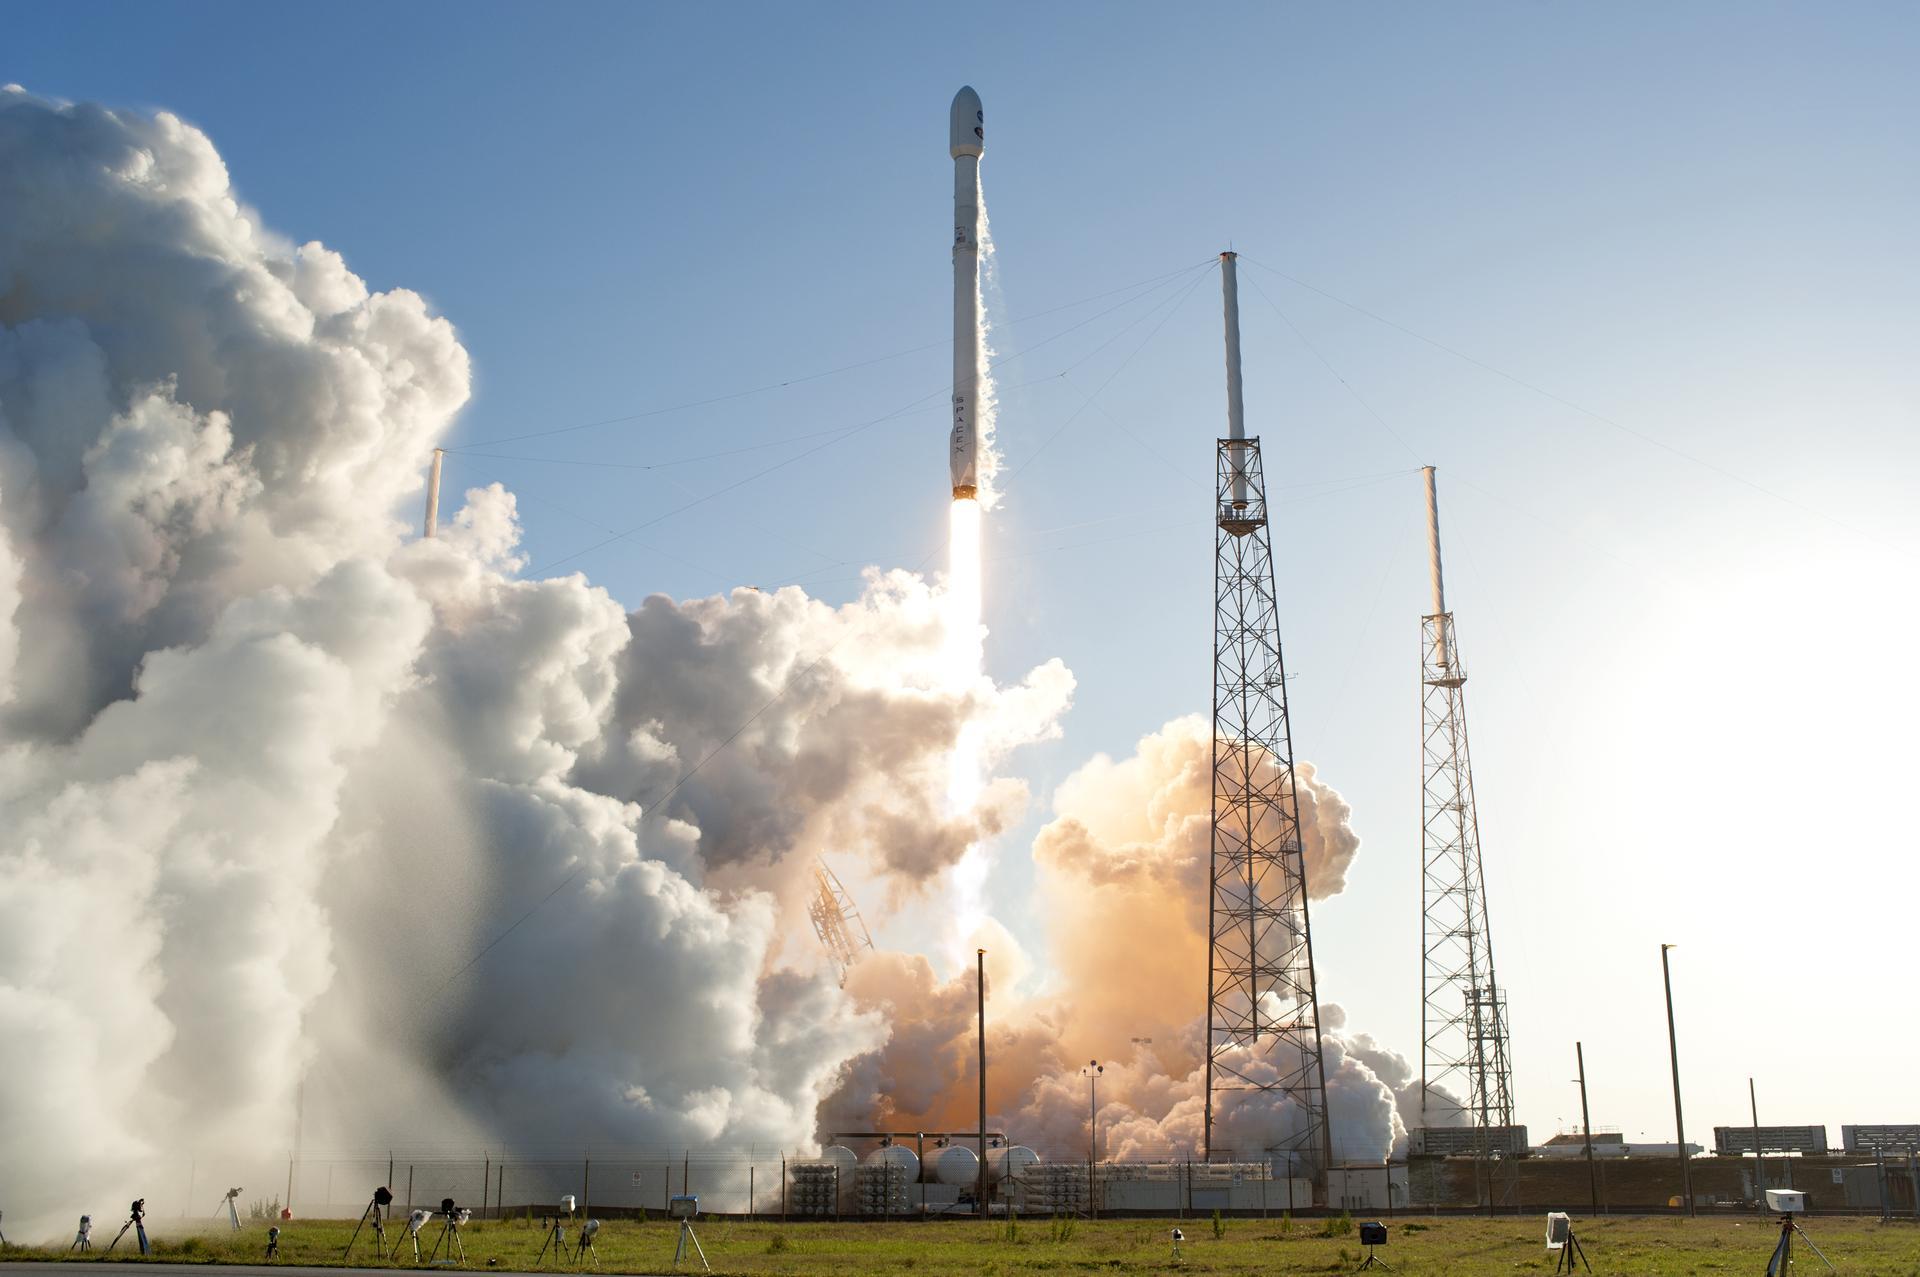 Einmal Weltraum einfach. Die Rakete vom Typ Falcon 9 schoss Tess am 18. April 2018 ins All. Heute befindet sich Tess längst in einer Erdumlaufbahn und schiesst Bilder vom All.